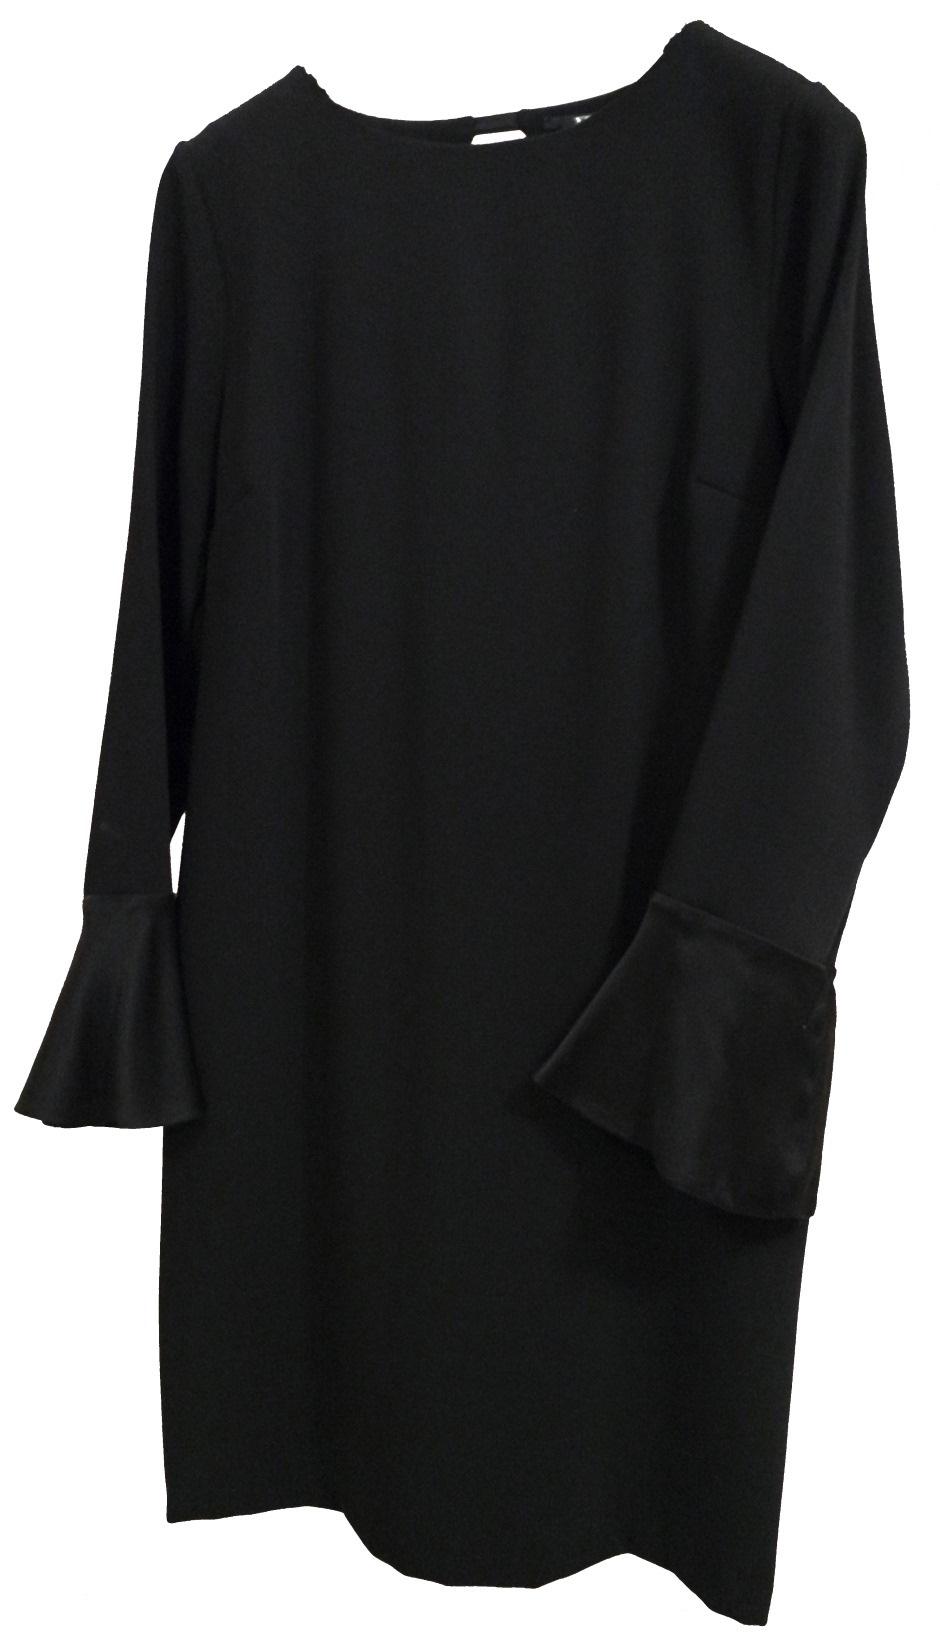 Outfit per San Valentino 2016 - Nero 1